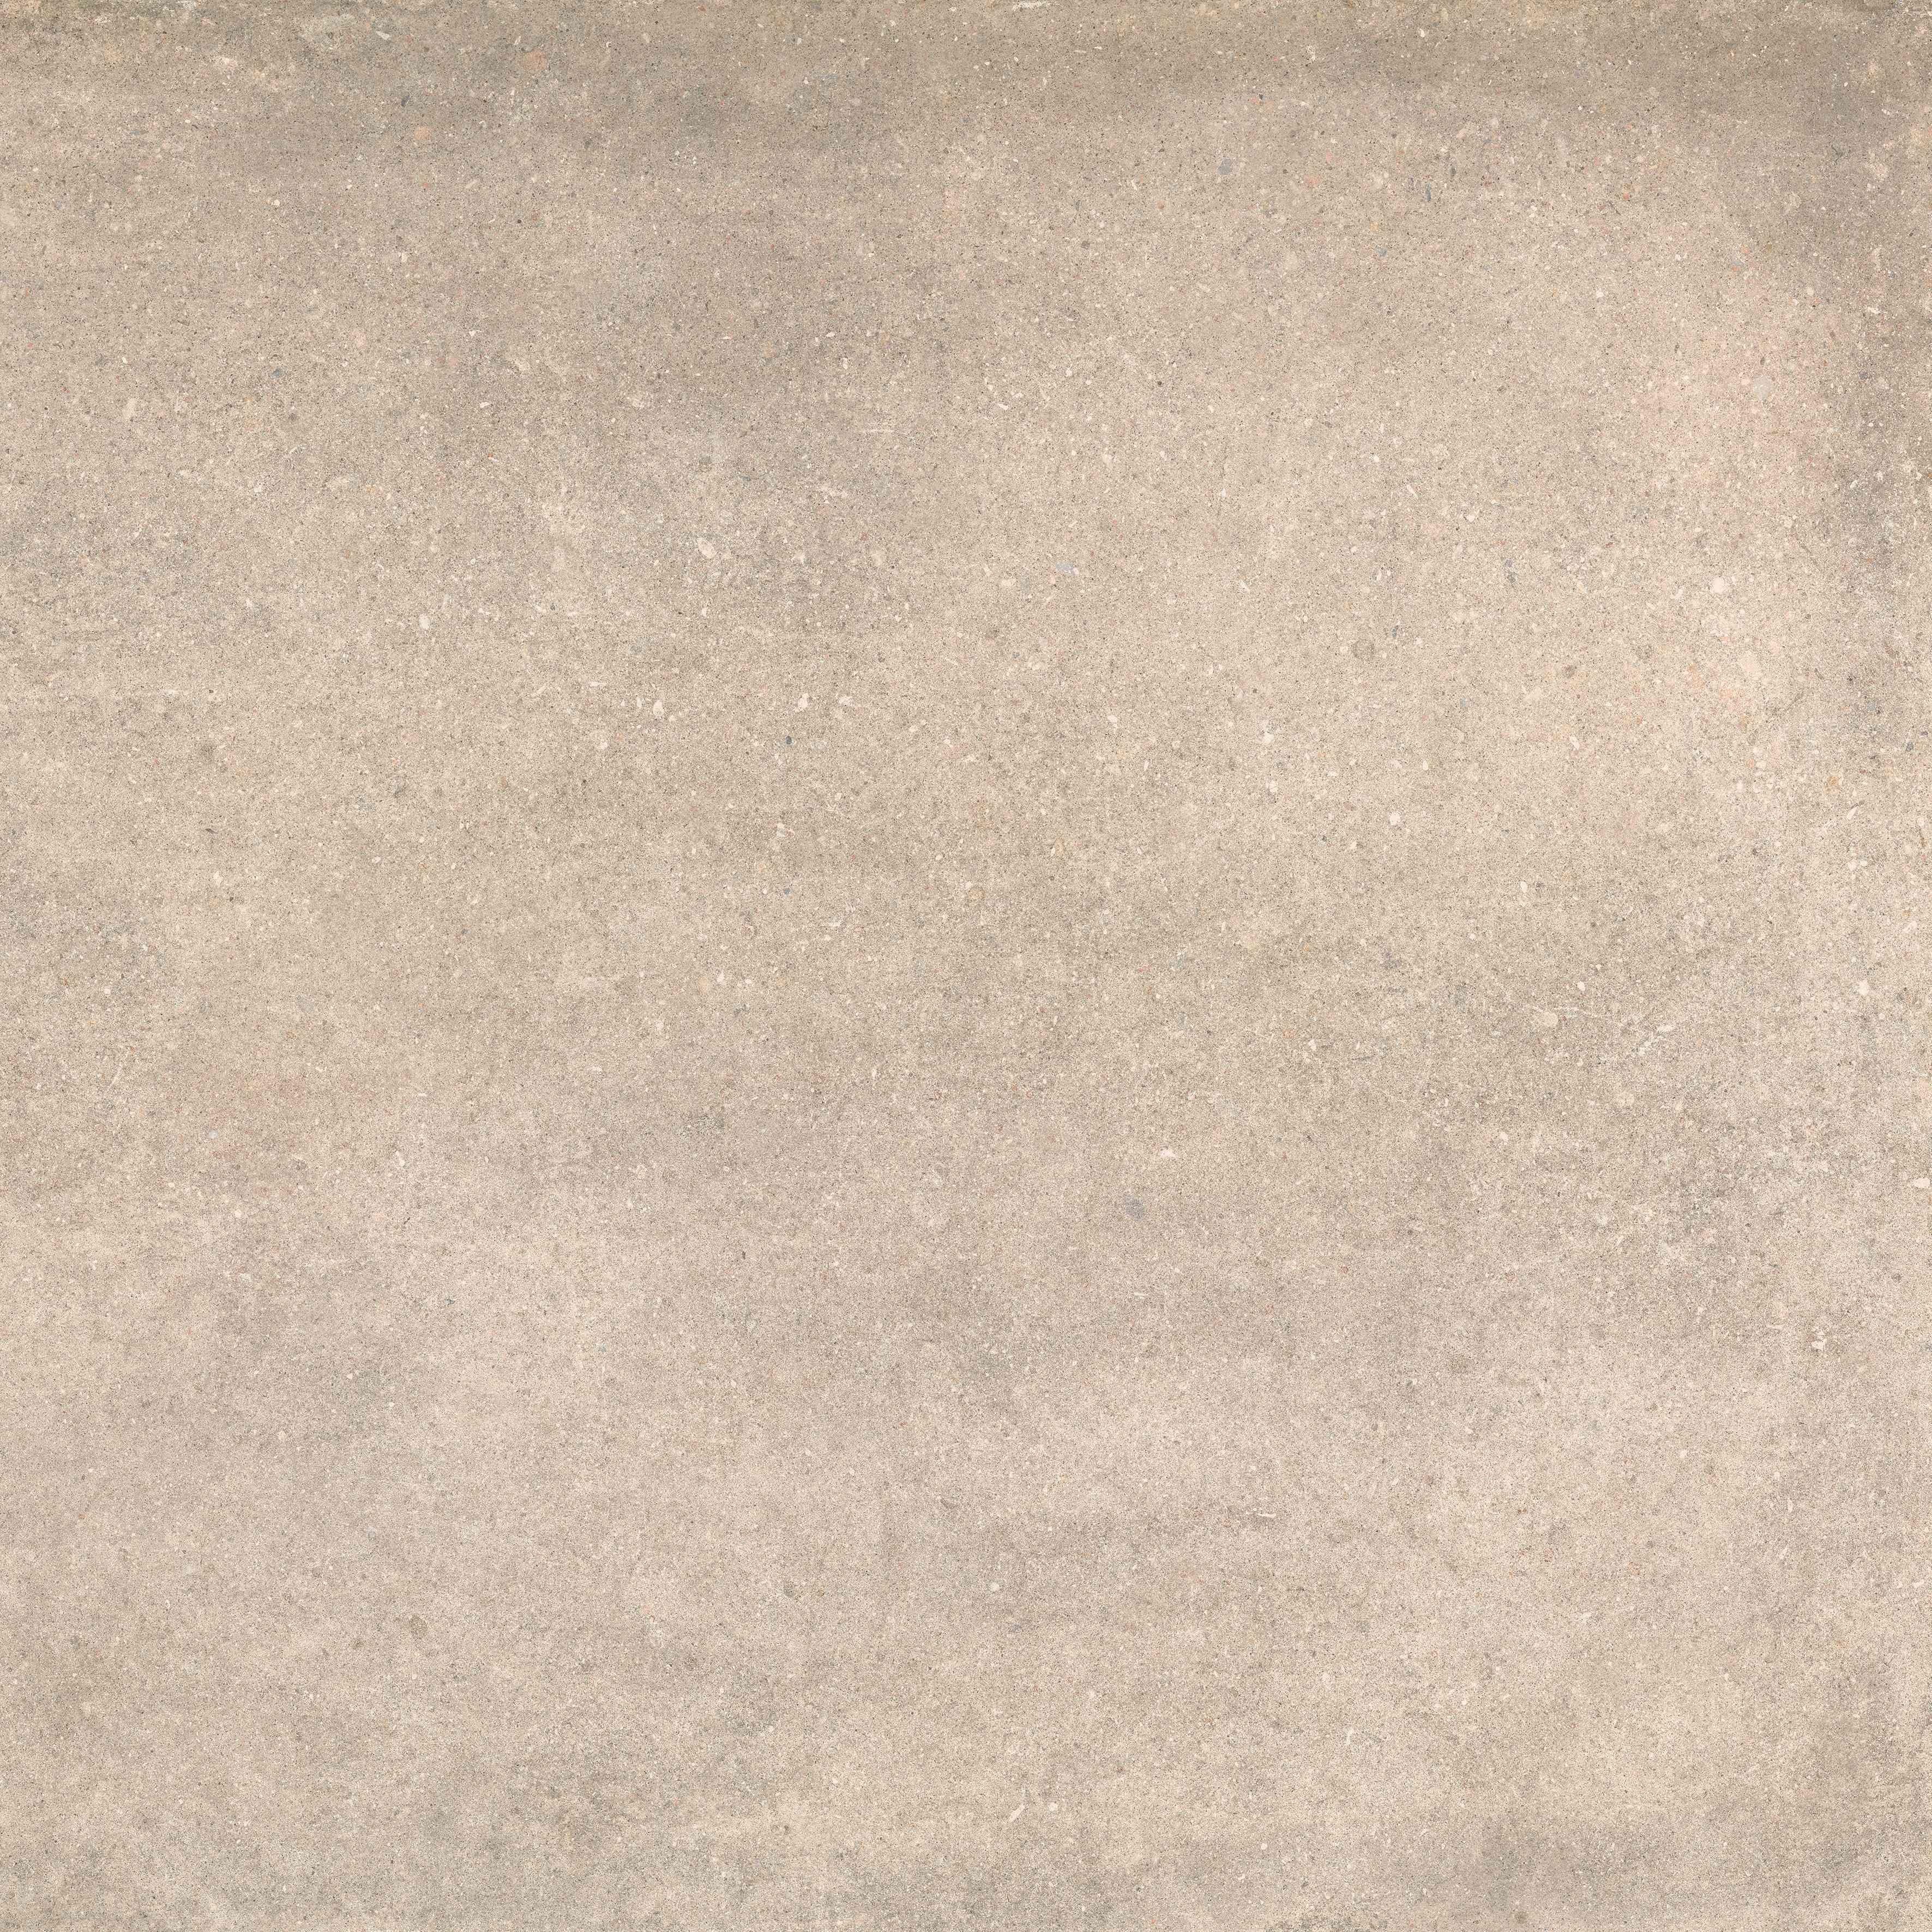 Плитка SABBIA (ZRXRM3R) изображение 4